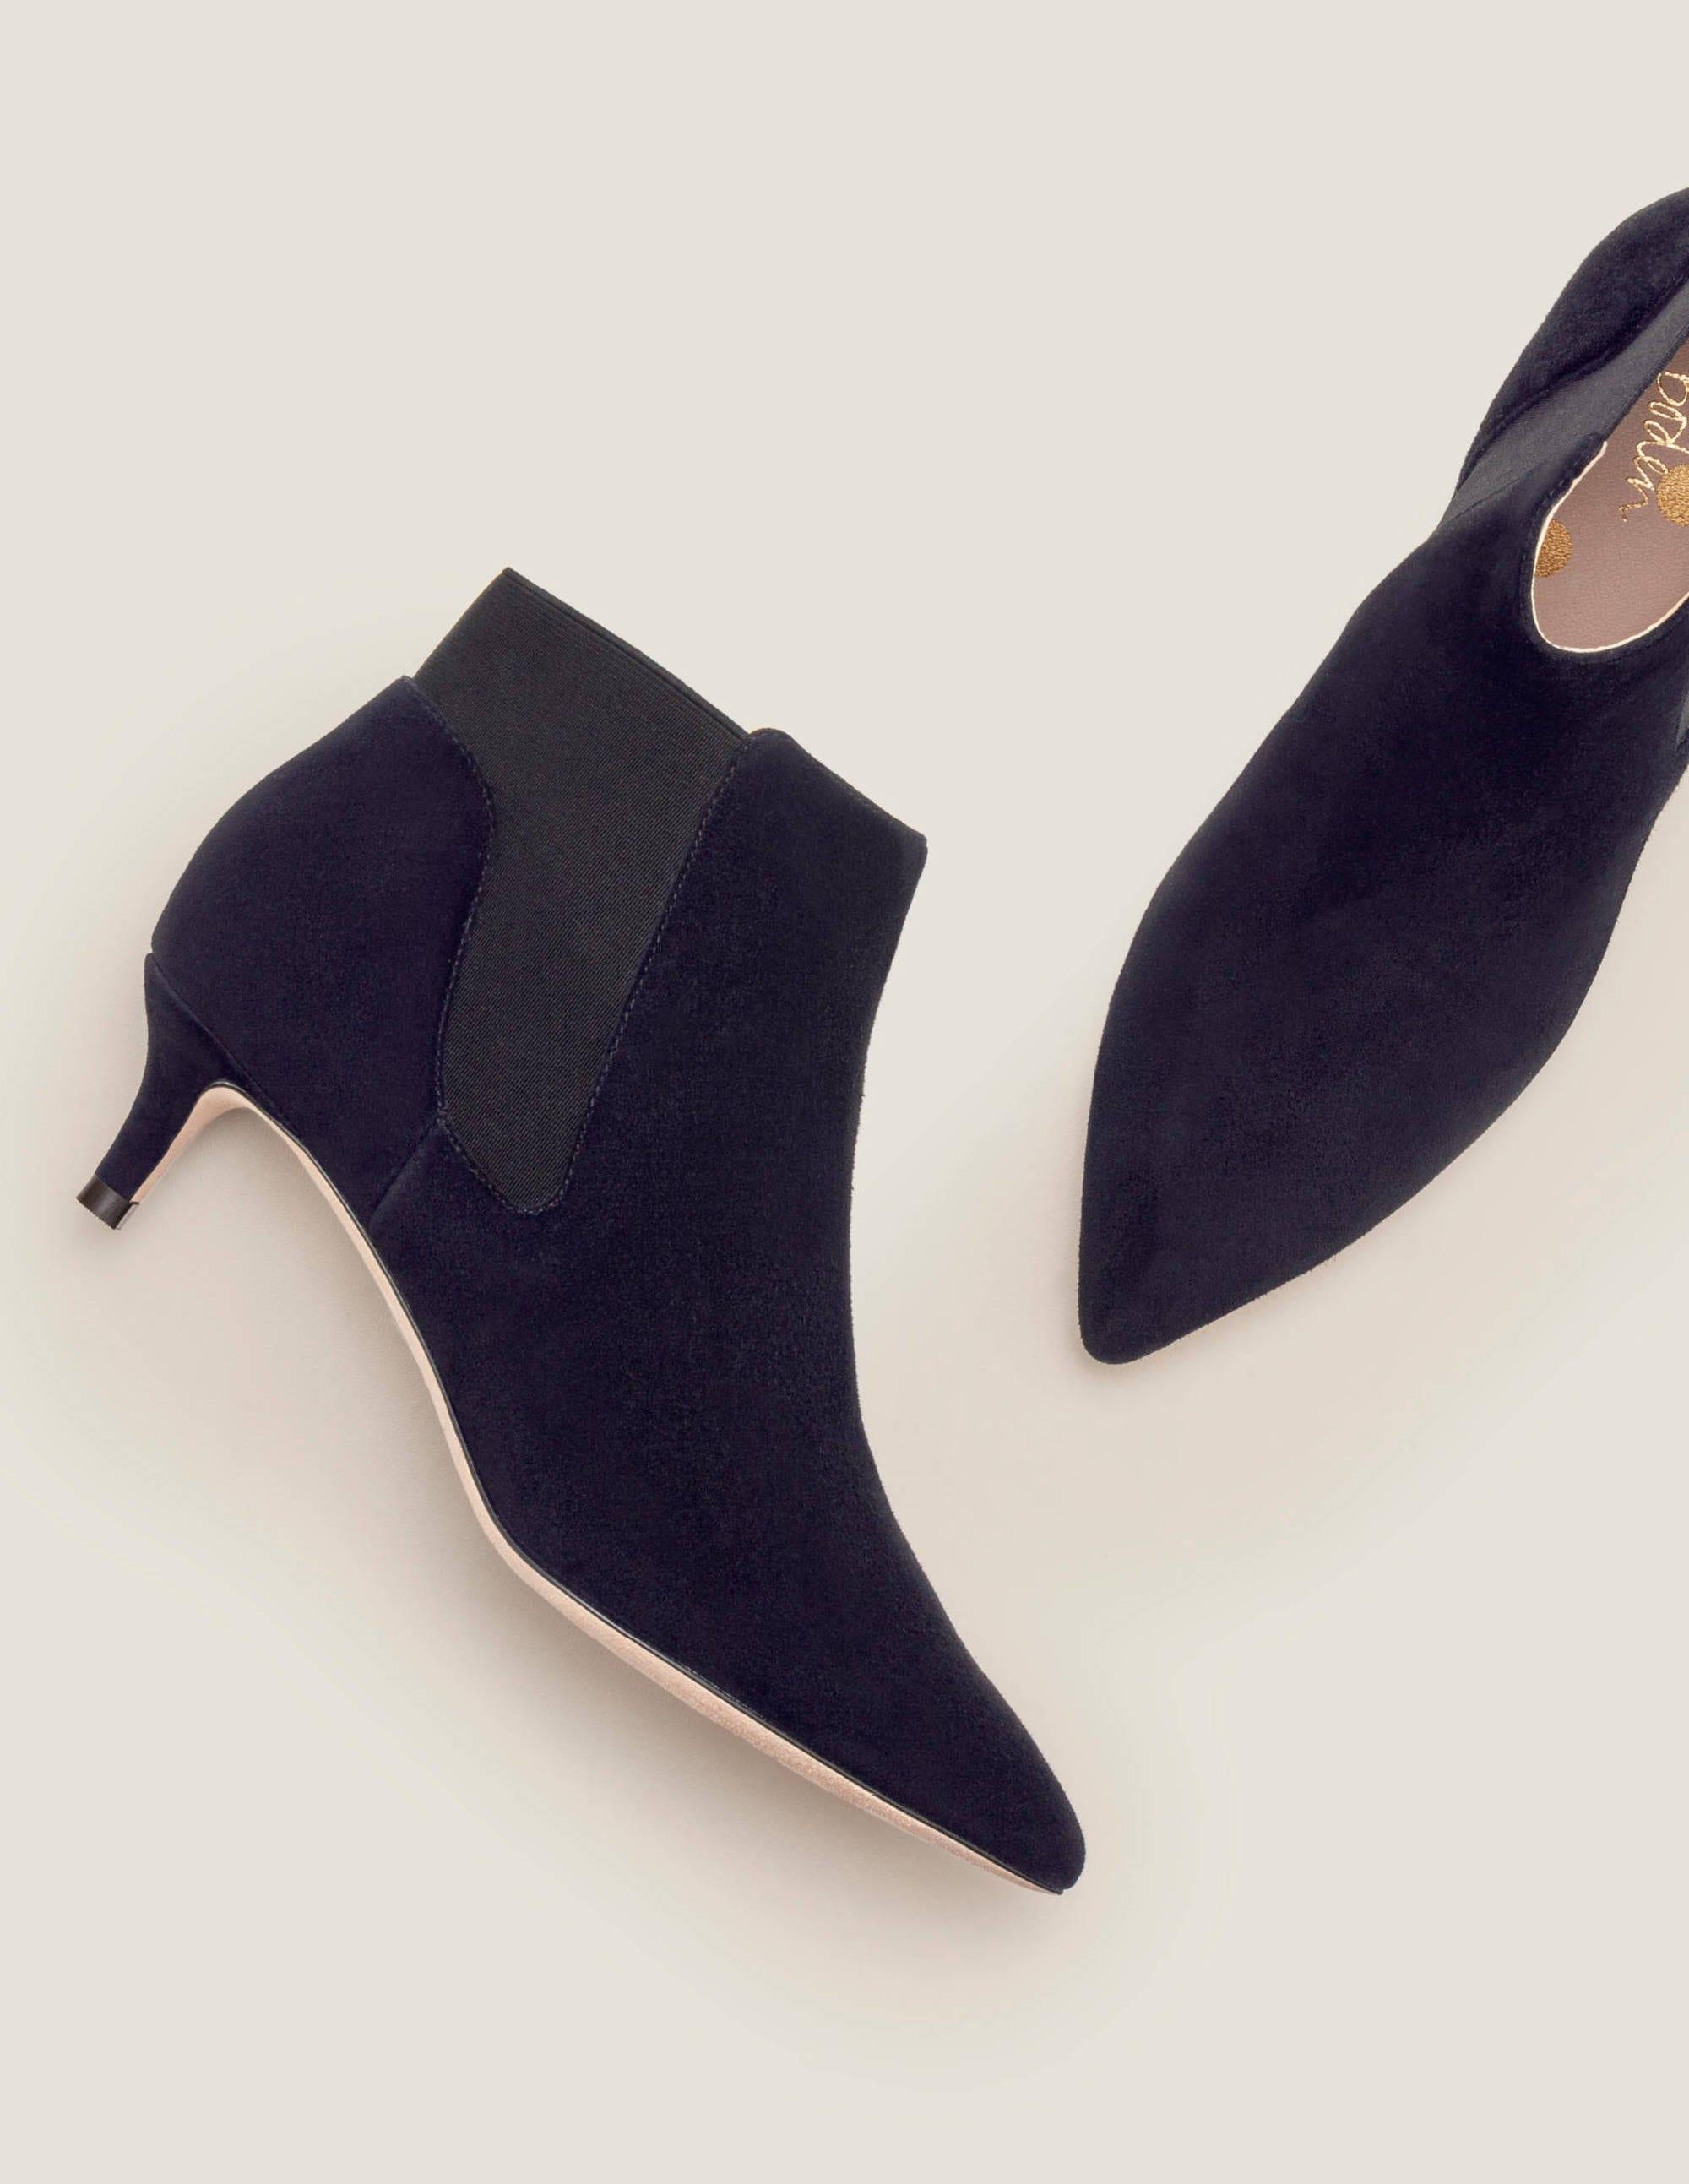 Elsworth Kitten Ankle Boots - Black